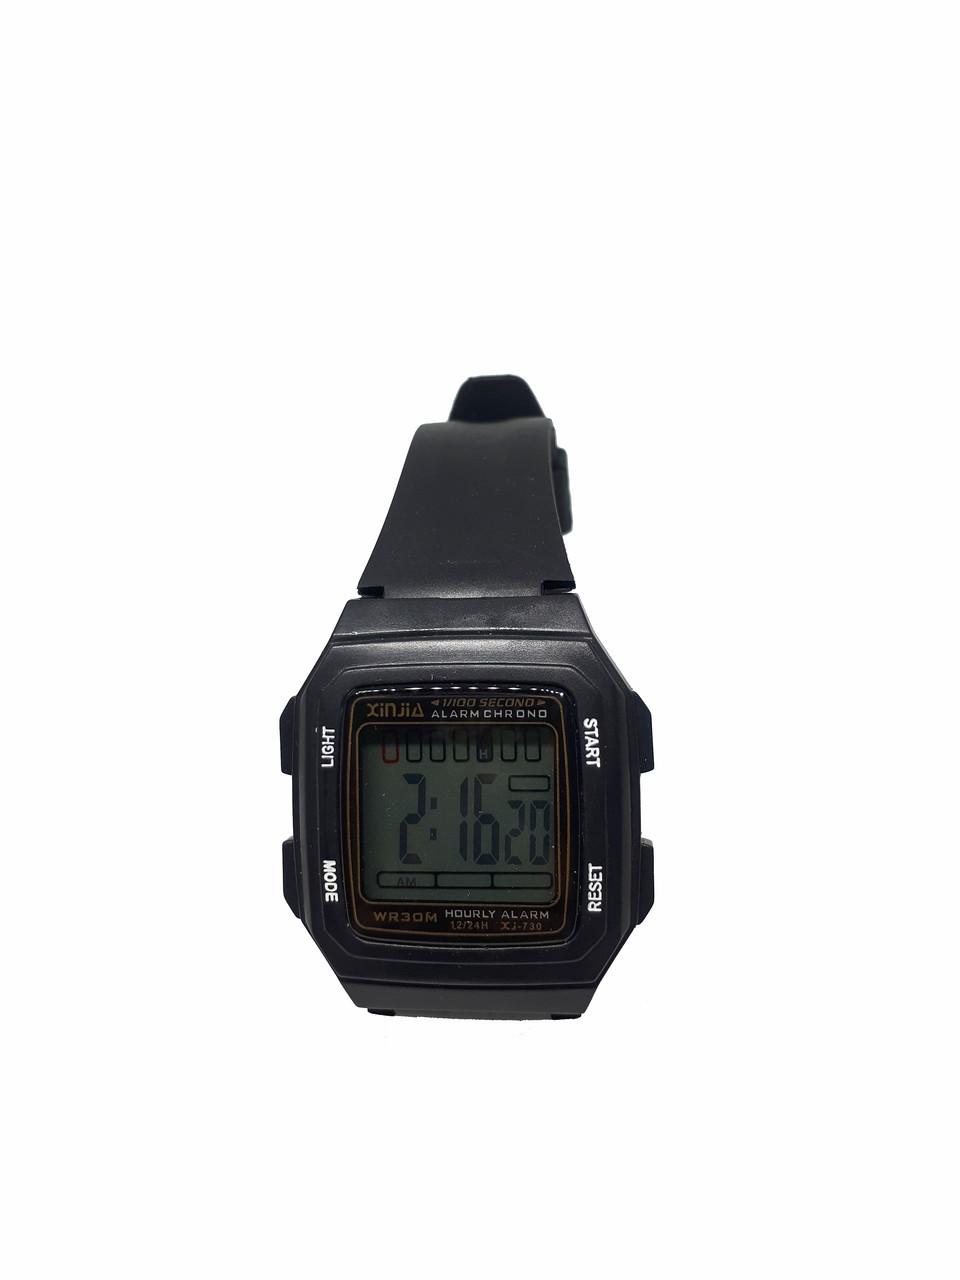 Часы с иллюминаторной подсветкой xj-730 опт